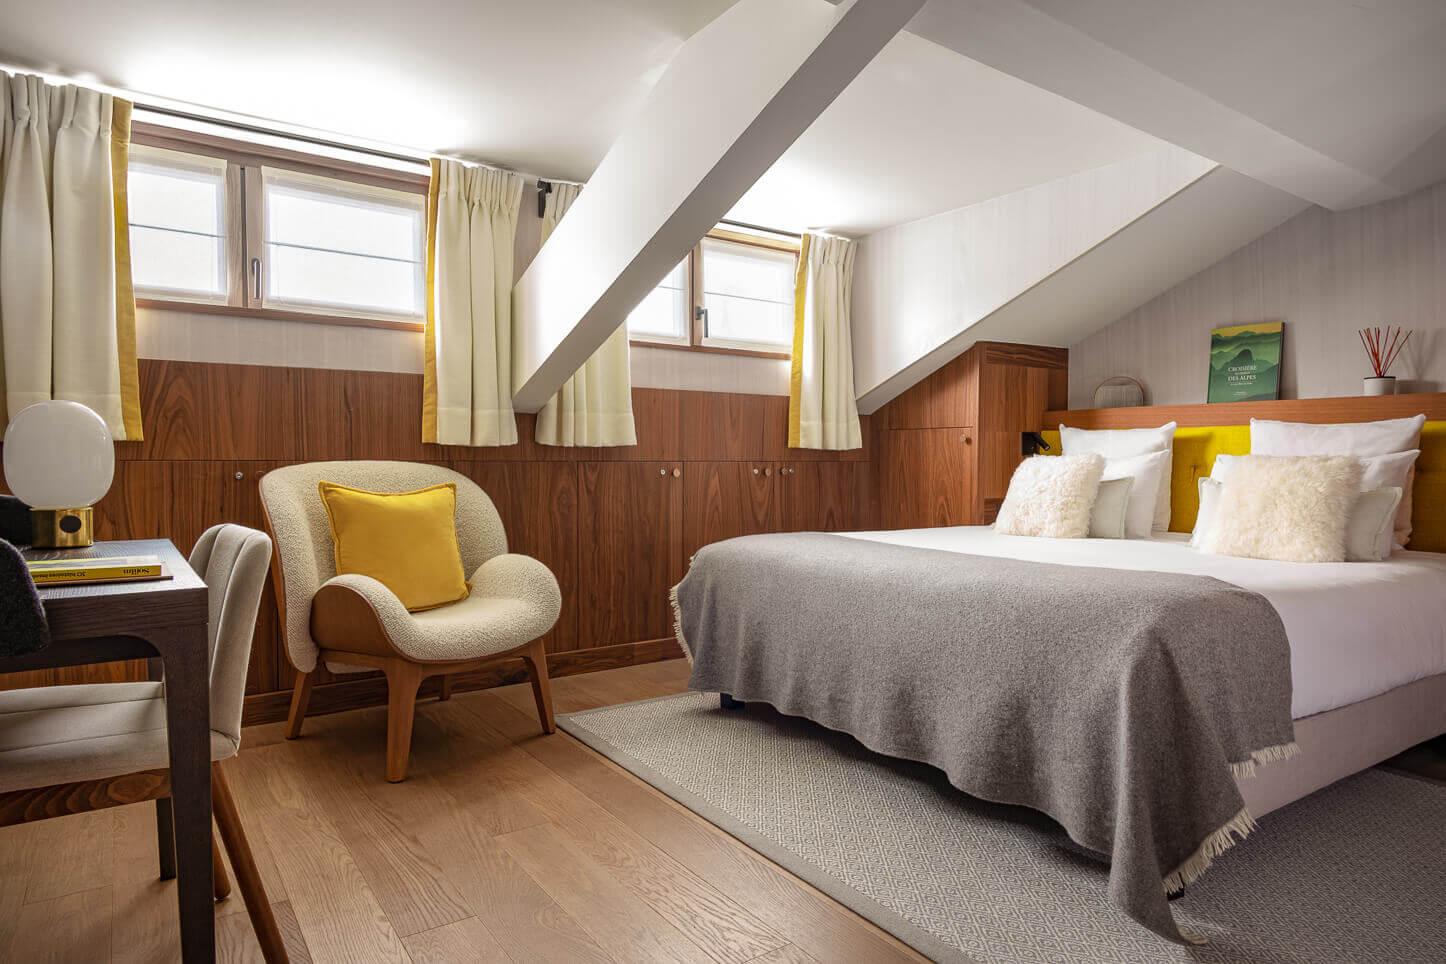 Chambre comfort - mansarde sous les toits